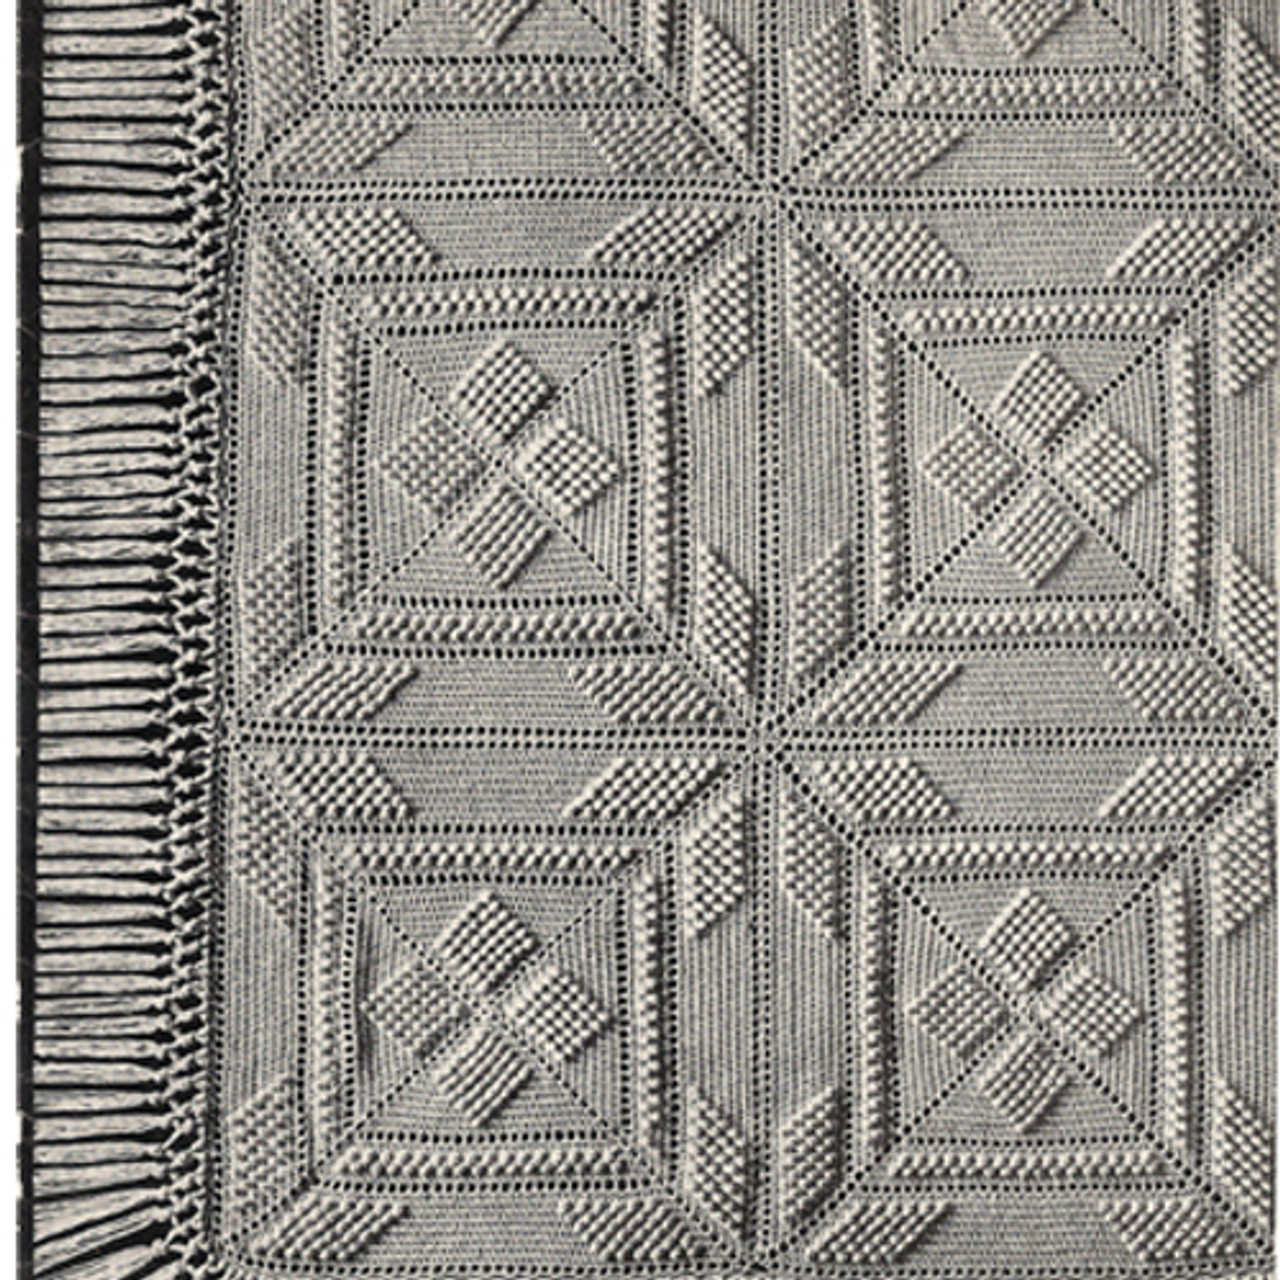 Vintage Popcorn Square fringed bedspread pattern